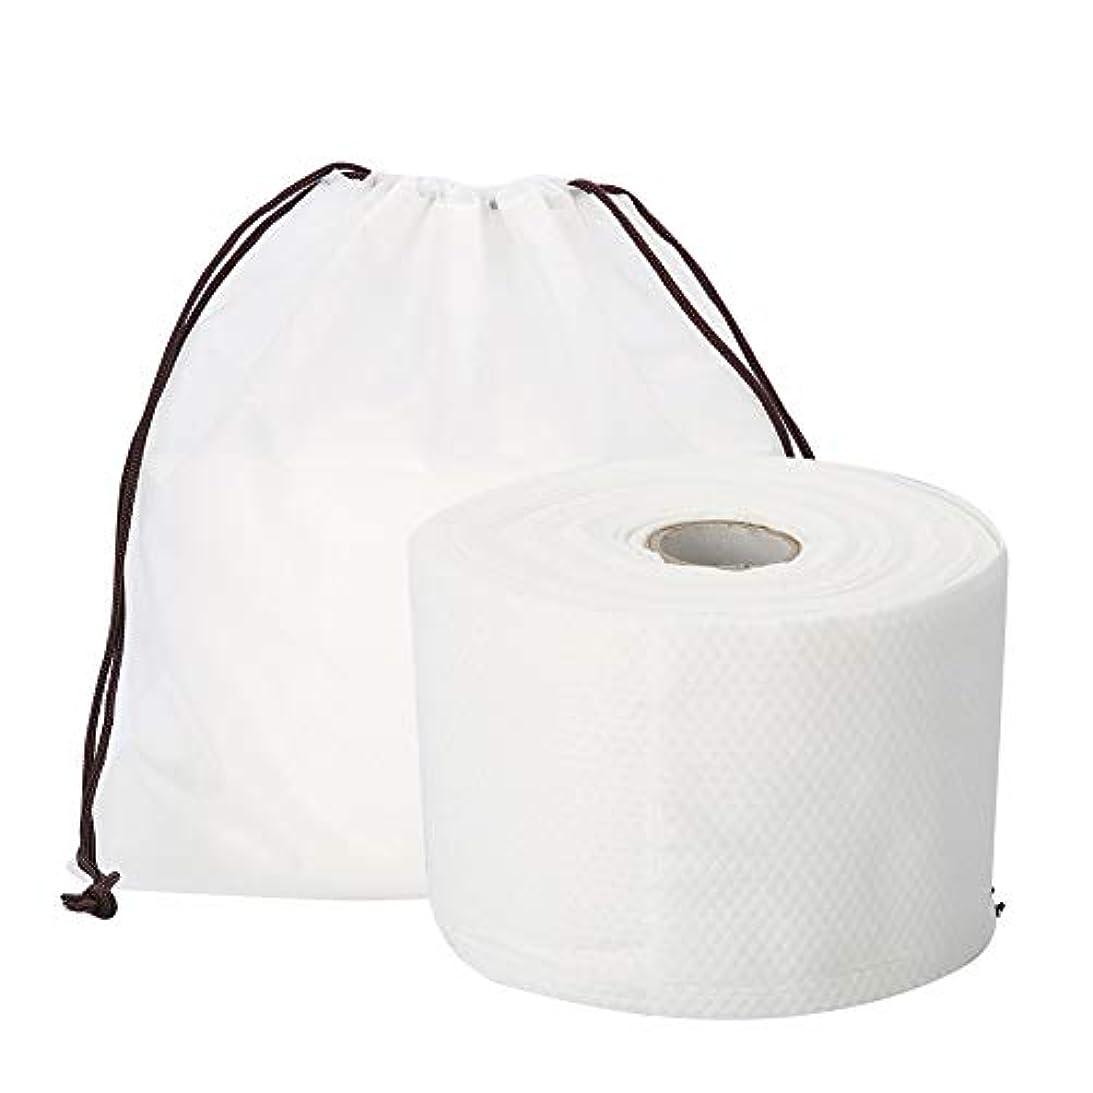 サービス安定しました再開Semmeの使い捨て可能なクリーニングのフェイスタオル、毛羽立ちのない綿パッドの構造使い捨て可能なフェイスタオルの柔らかいNonwovenのクリーニングの化粧品の綿パッド25m